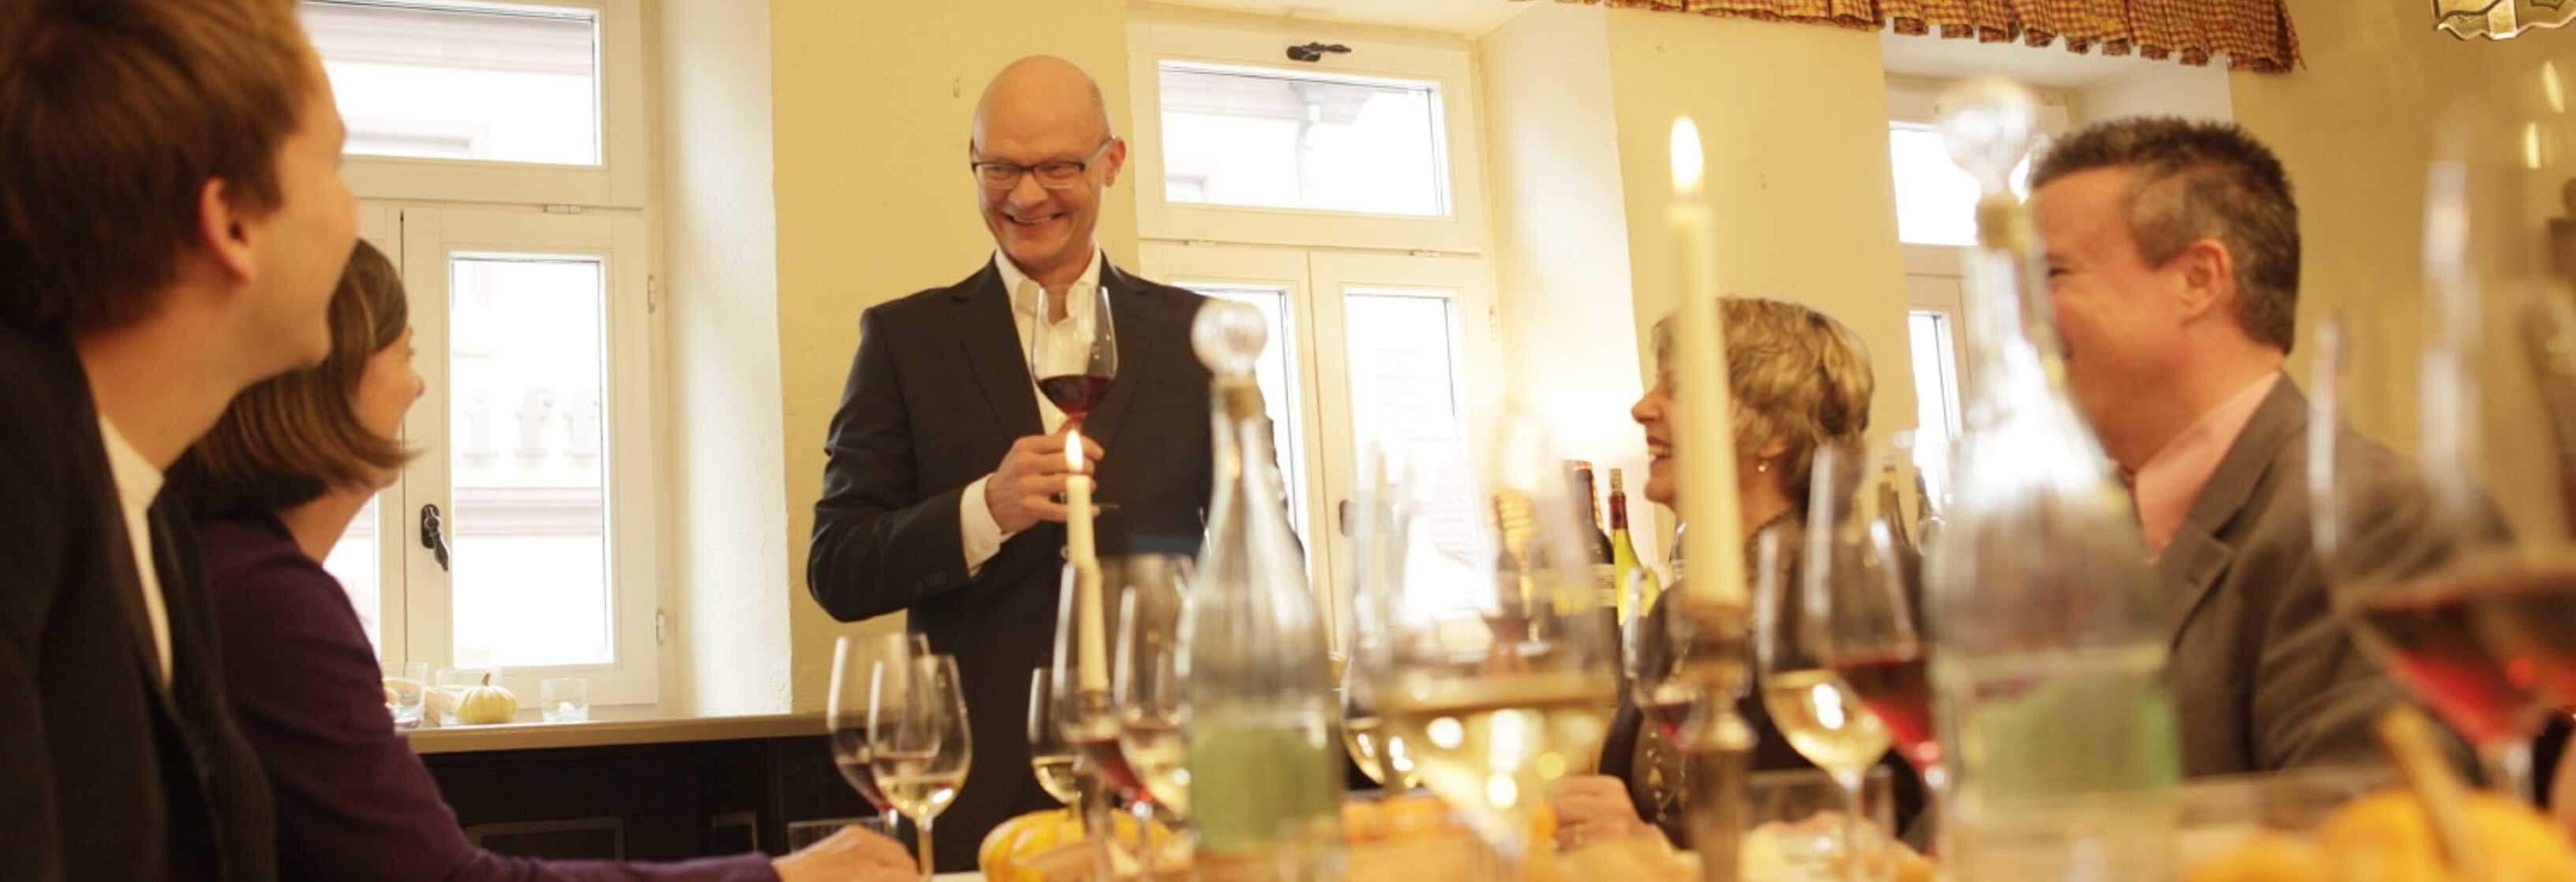 Wein-Dinner in einem Frankfurter Unternehmen